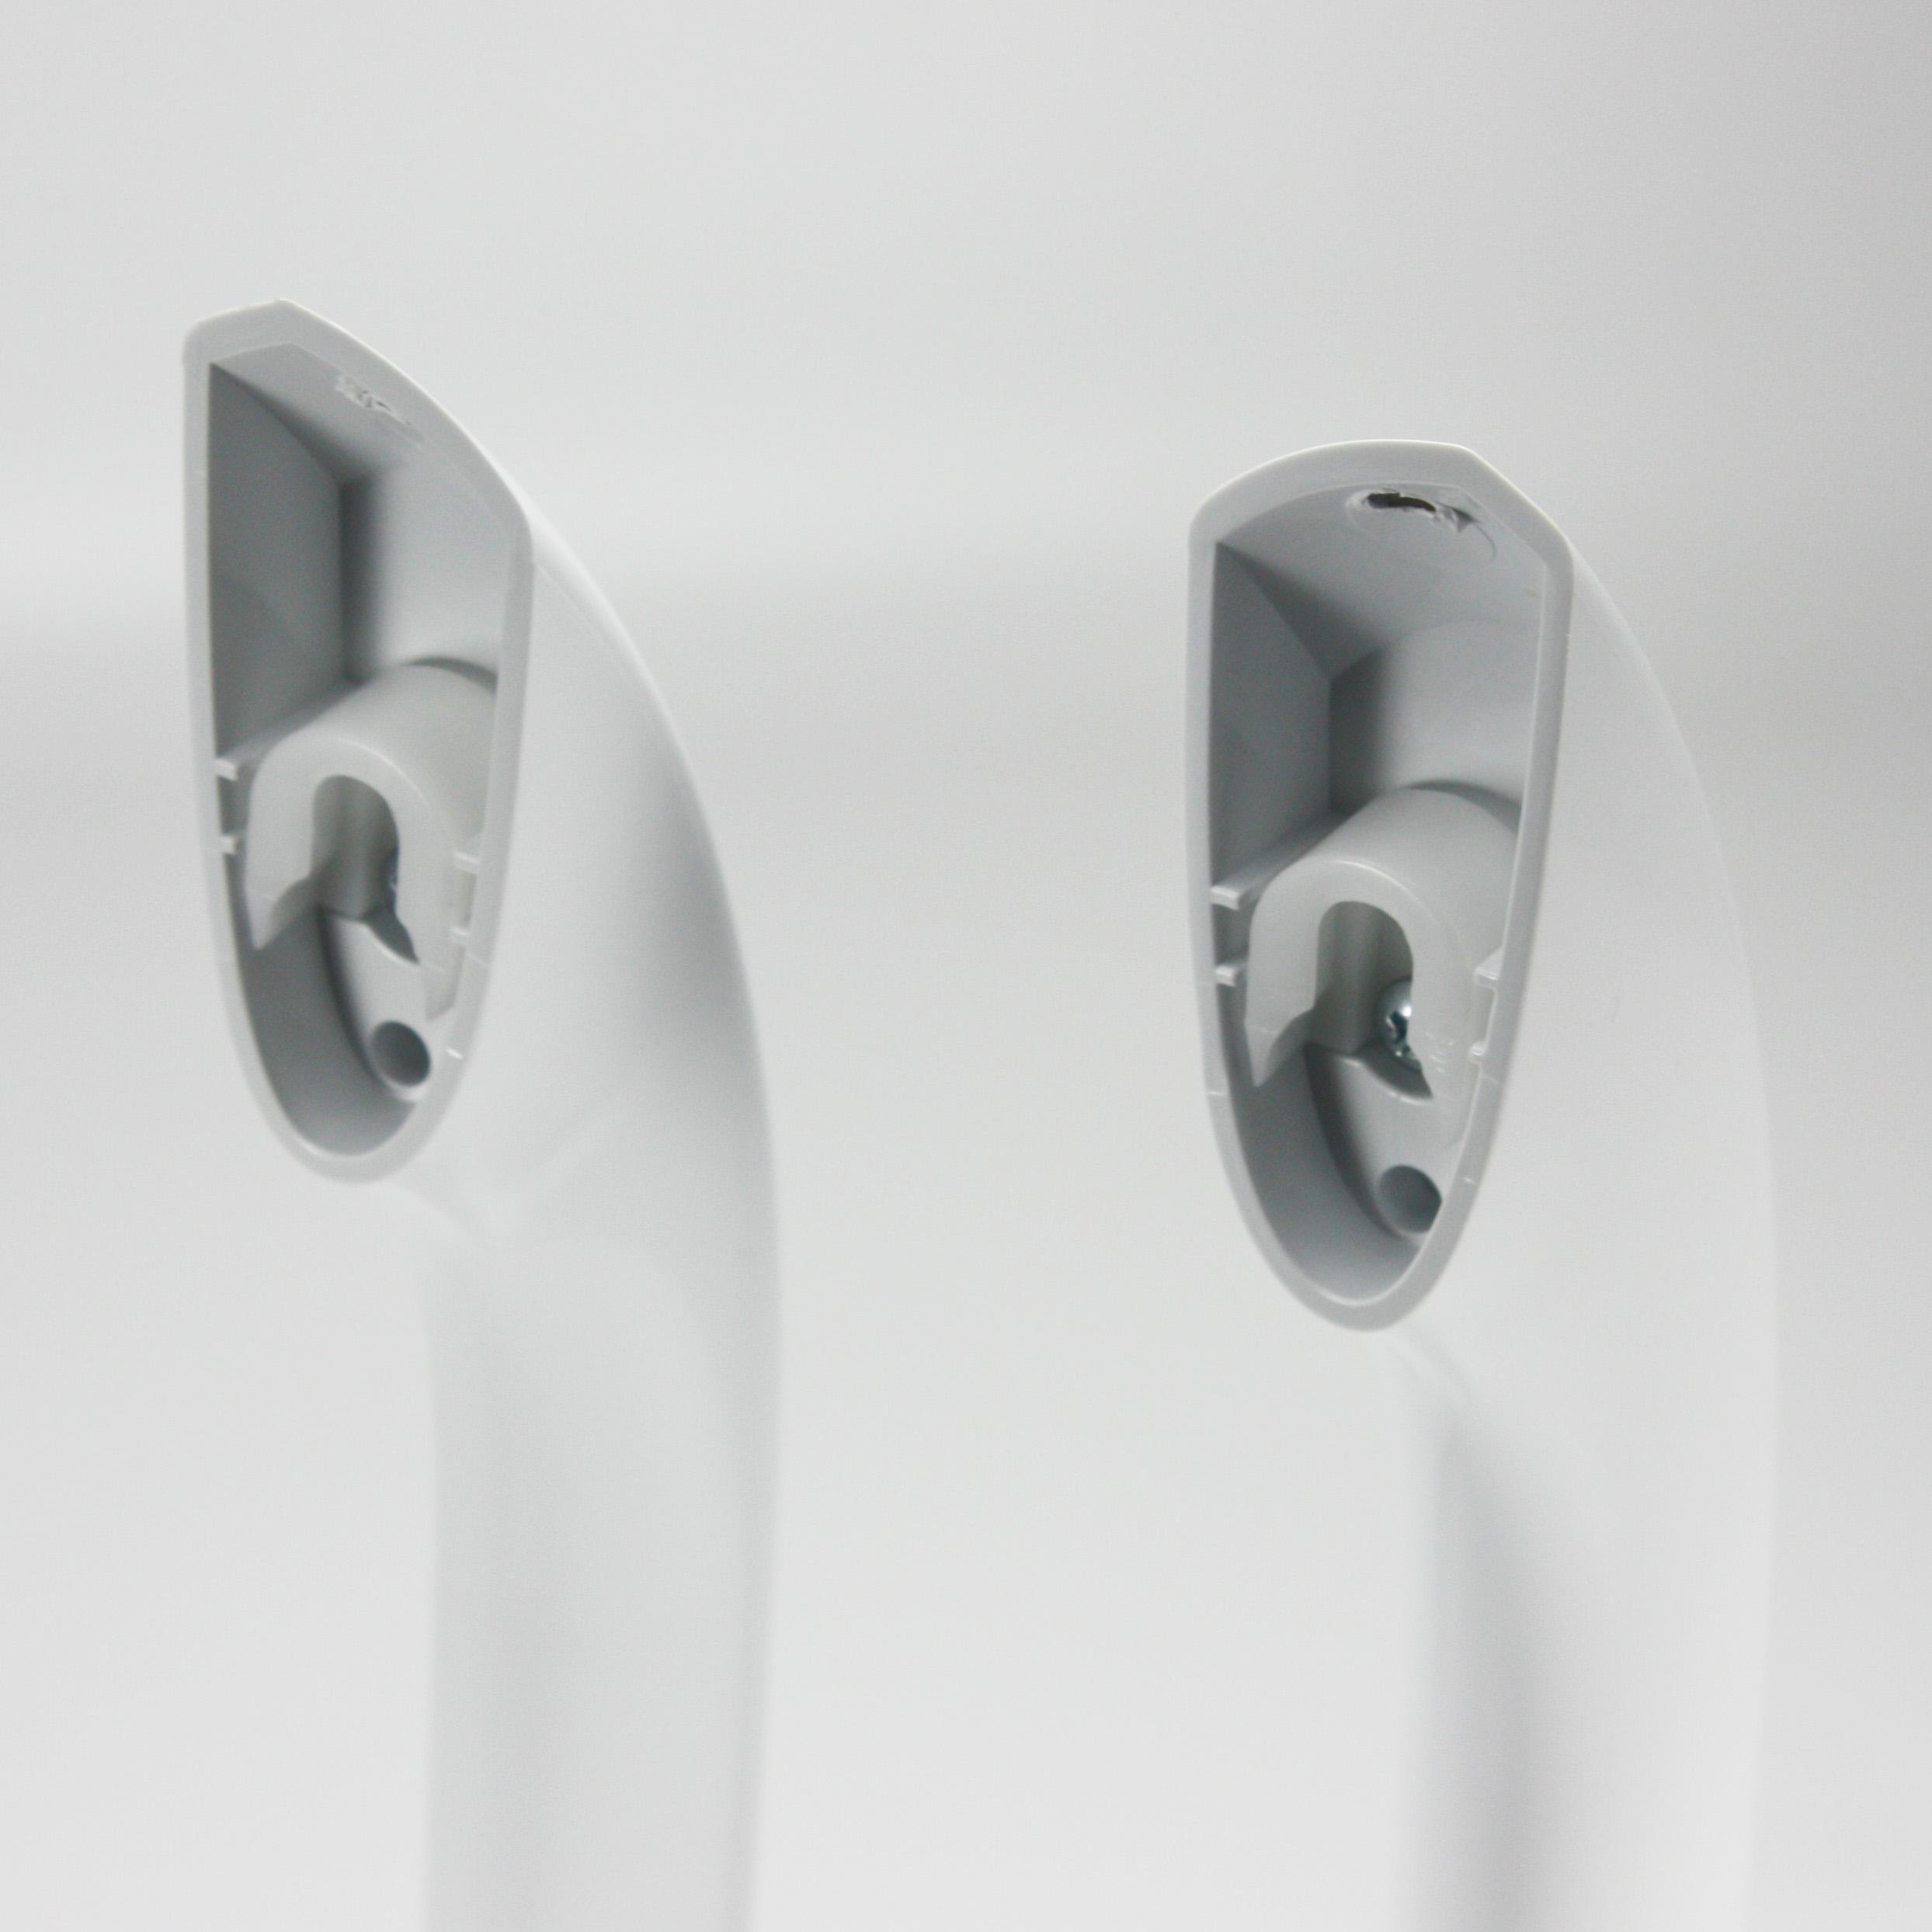 5304506469 For Frigidaire Refrigerator Door Handle Set